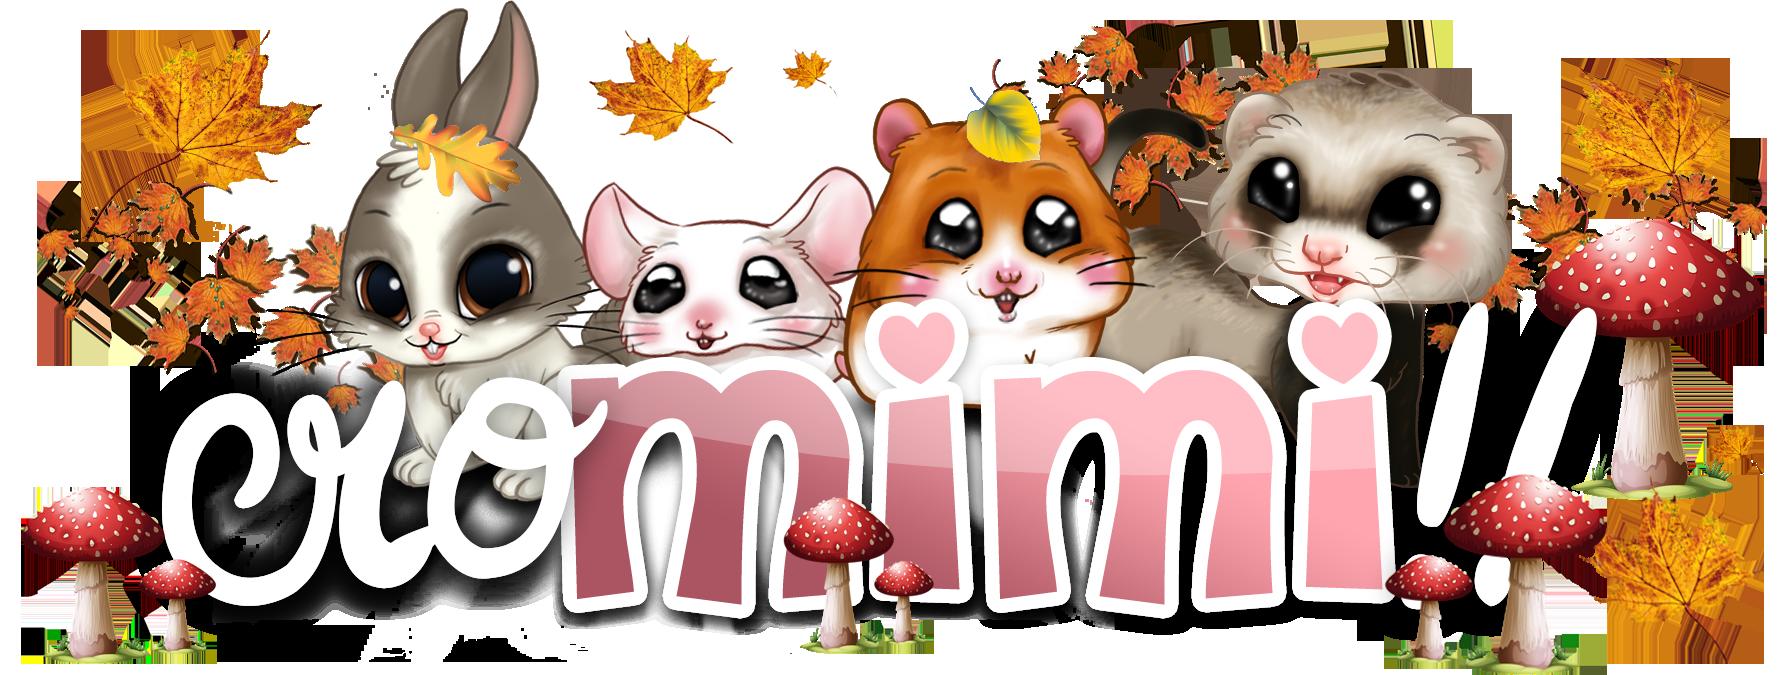 Tierzucht-Spiel für Mädchen und Jungen - Cromimi